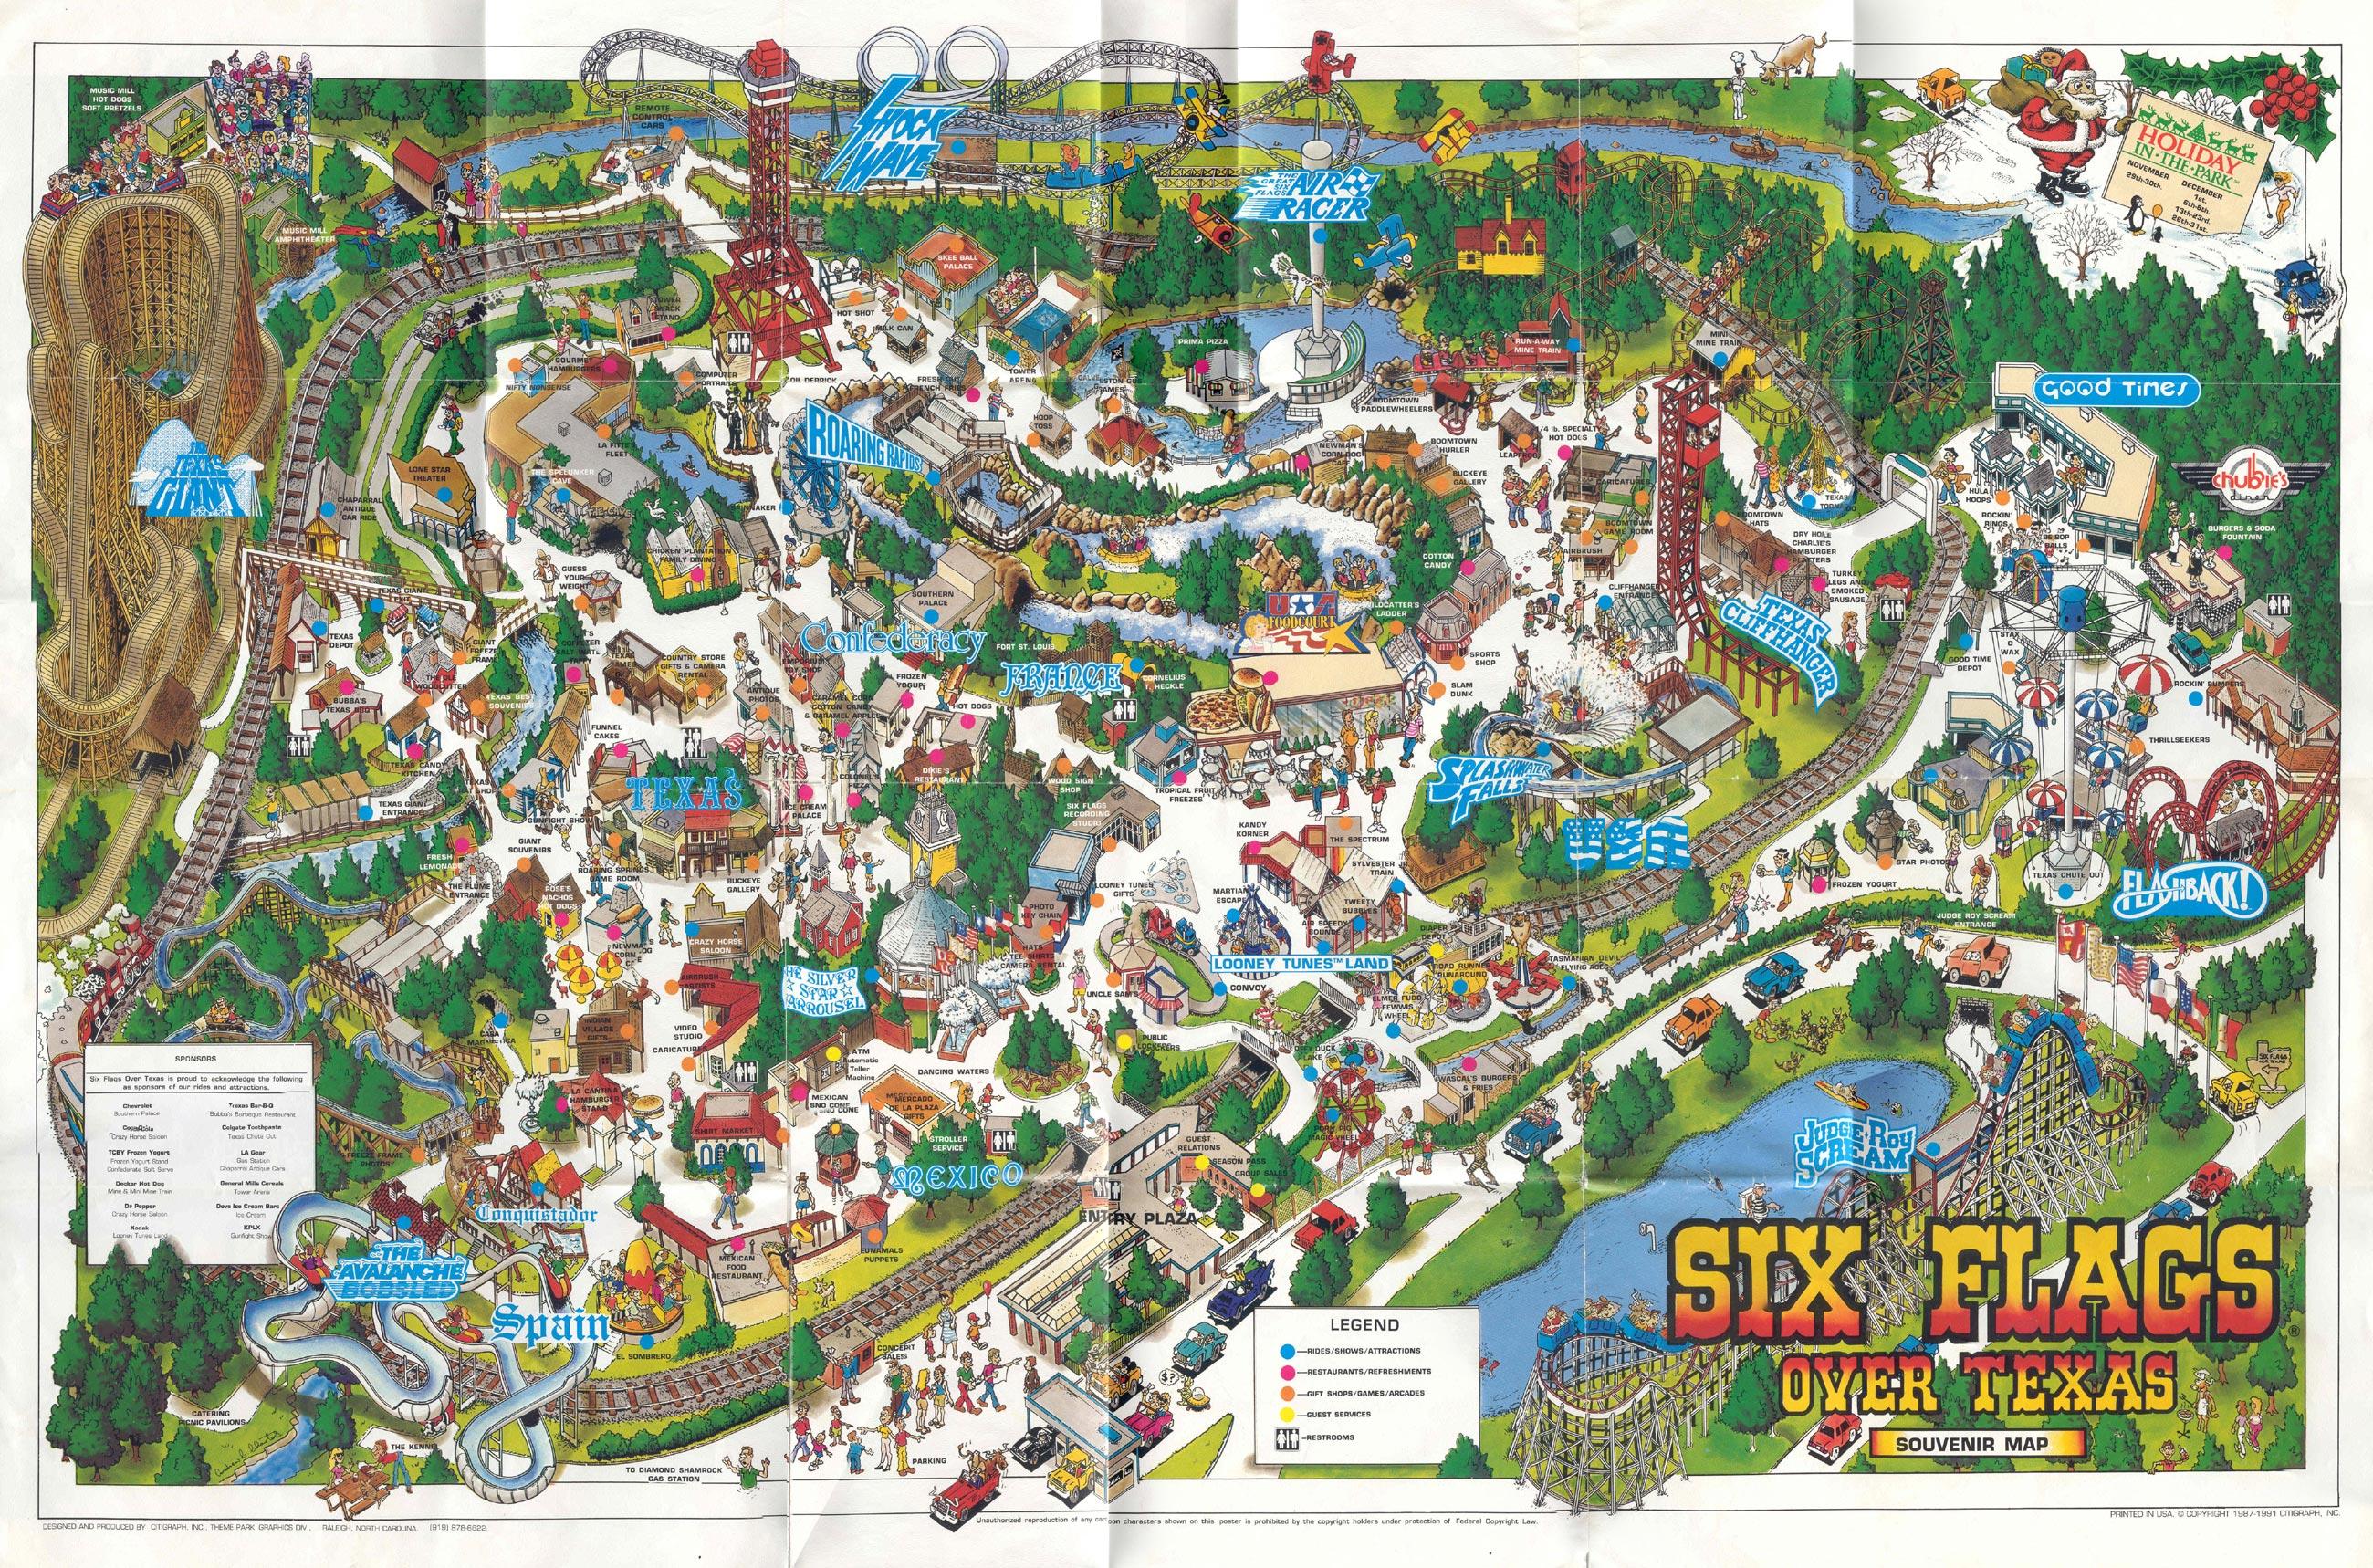 Theme Park Brochures Six Flags Over Texas - Theme Park Brochures - Six Flags Over Texas Map